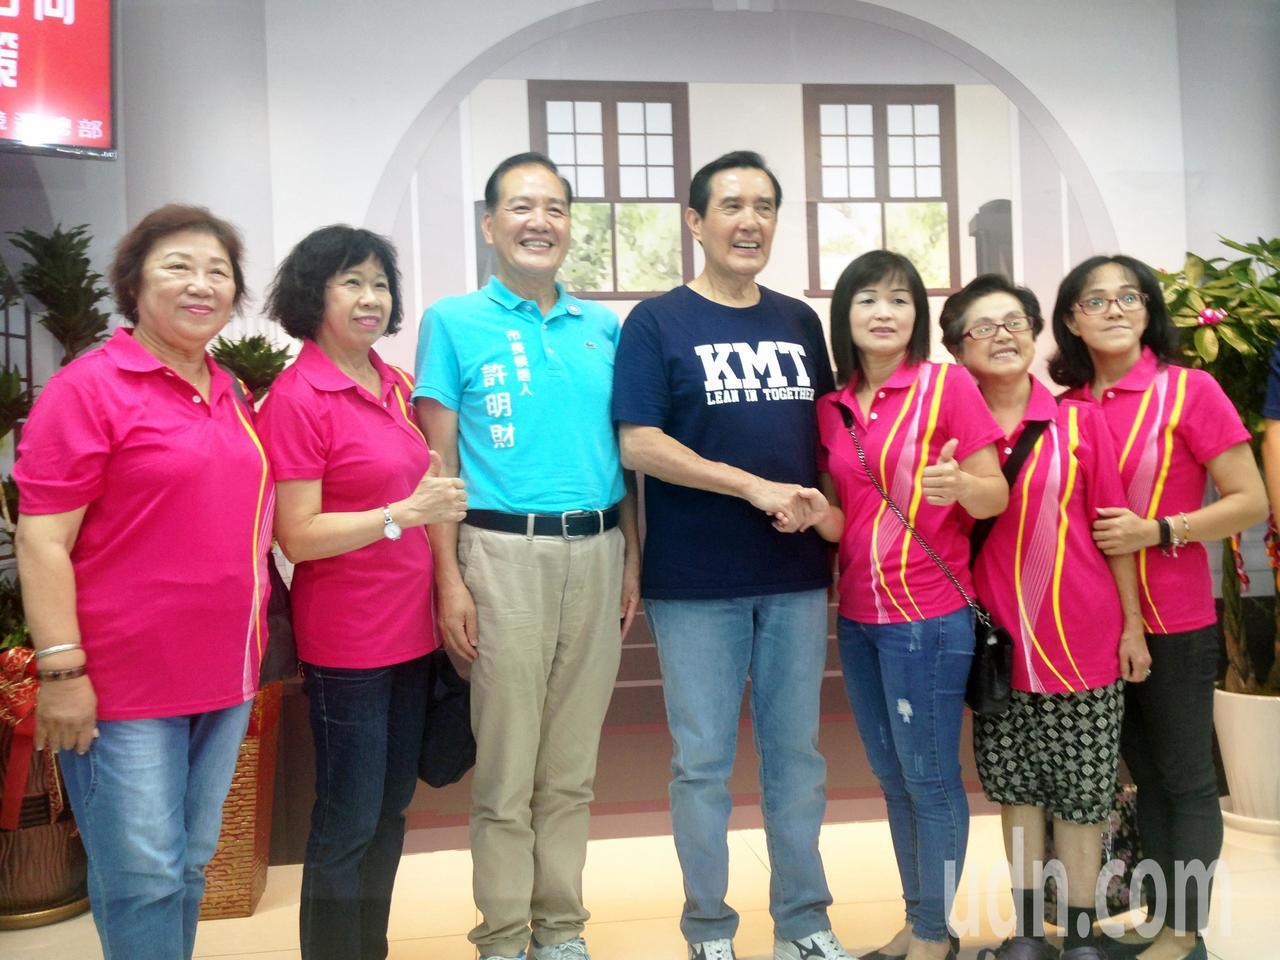 馬英九(右四)人氣超高,不少民眾排隊就為了拍照留念。記者郭宣彣/攝影